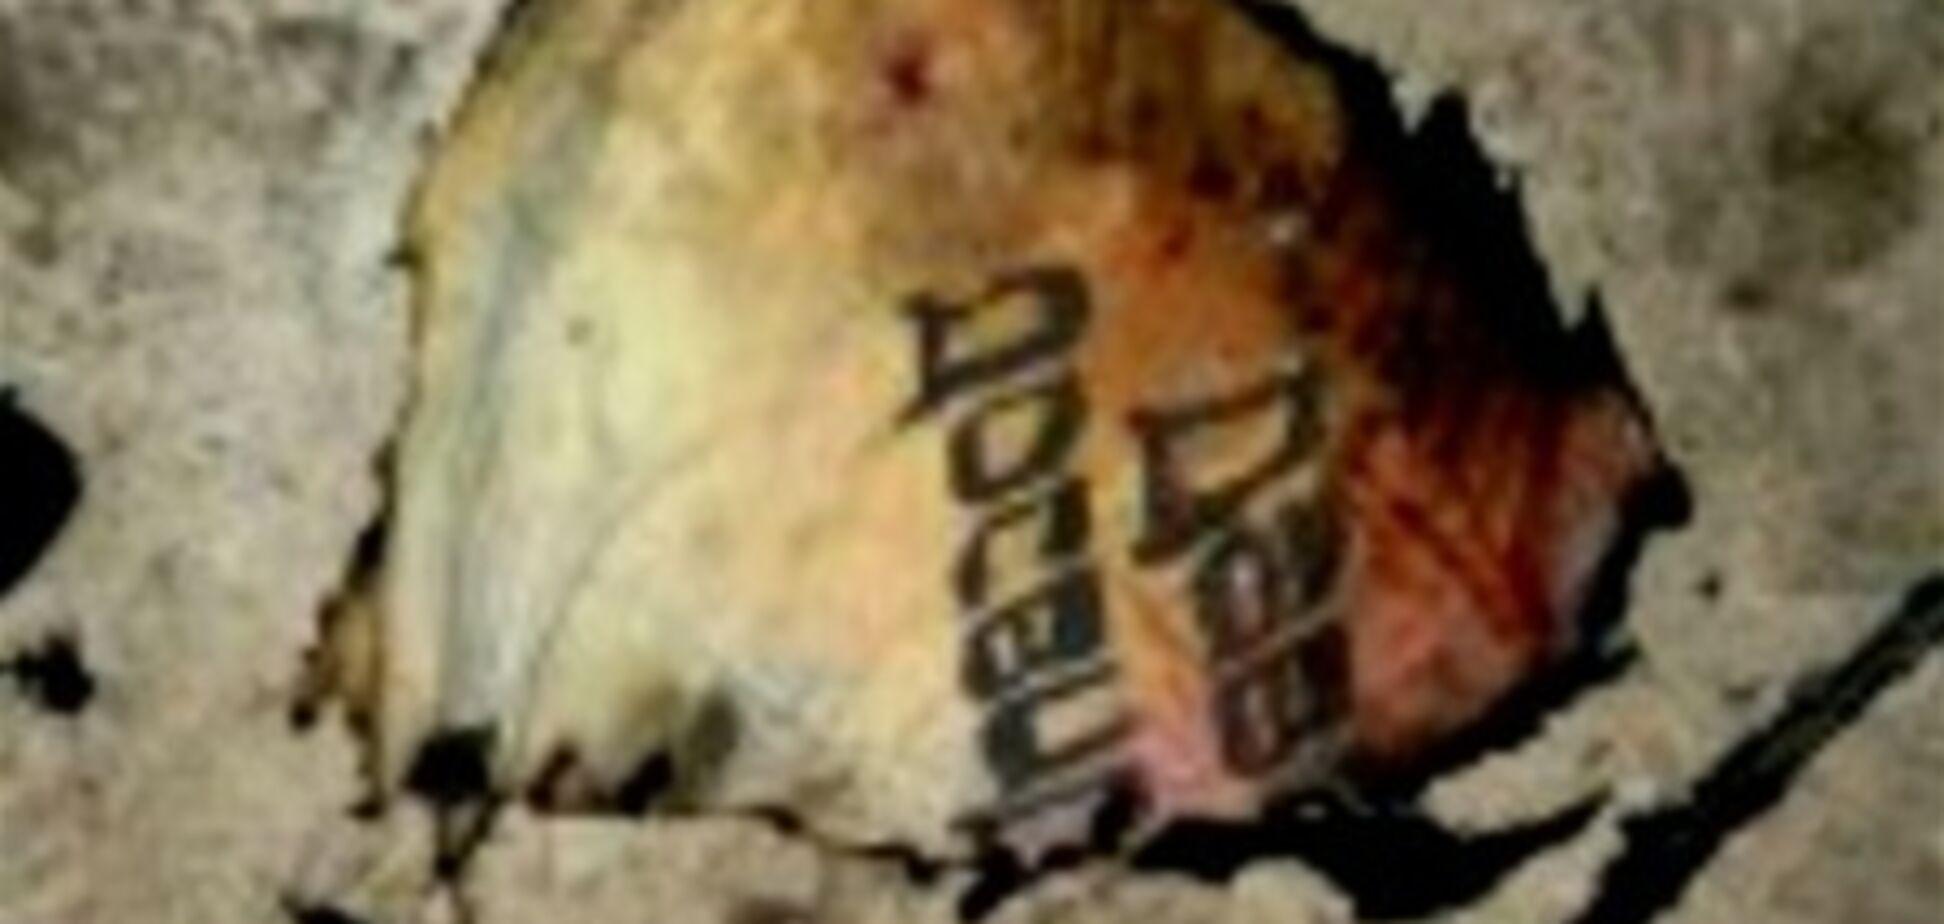 На Херсонщине сожгли парня в футболке 'Давай, до свидания'